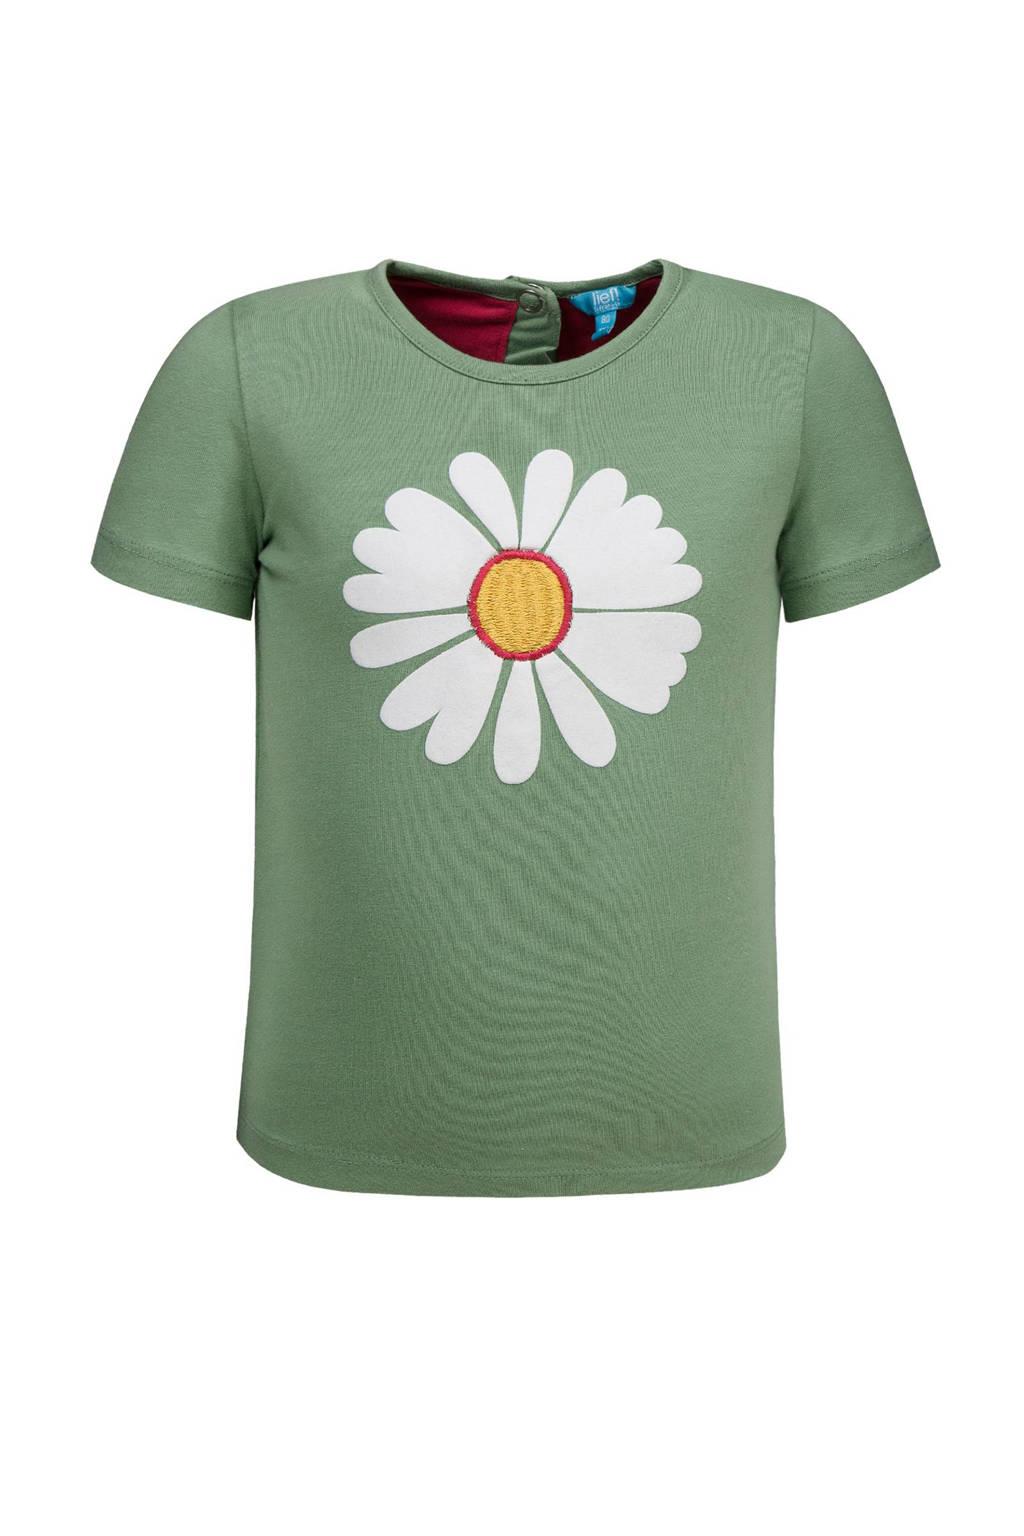 lief! T-shirt met bloem, Groen/wit/geel